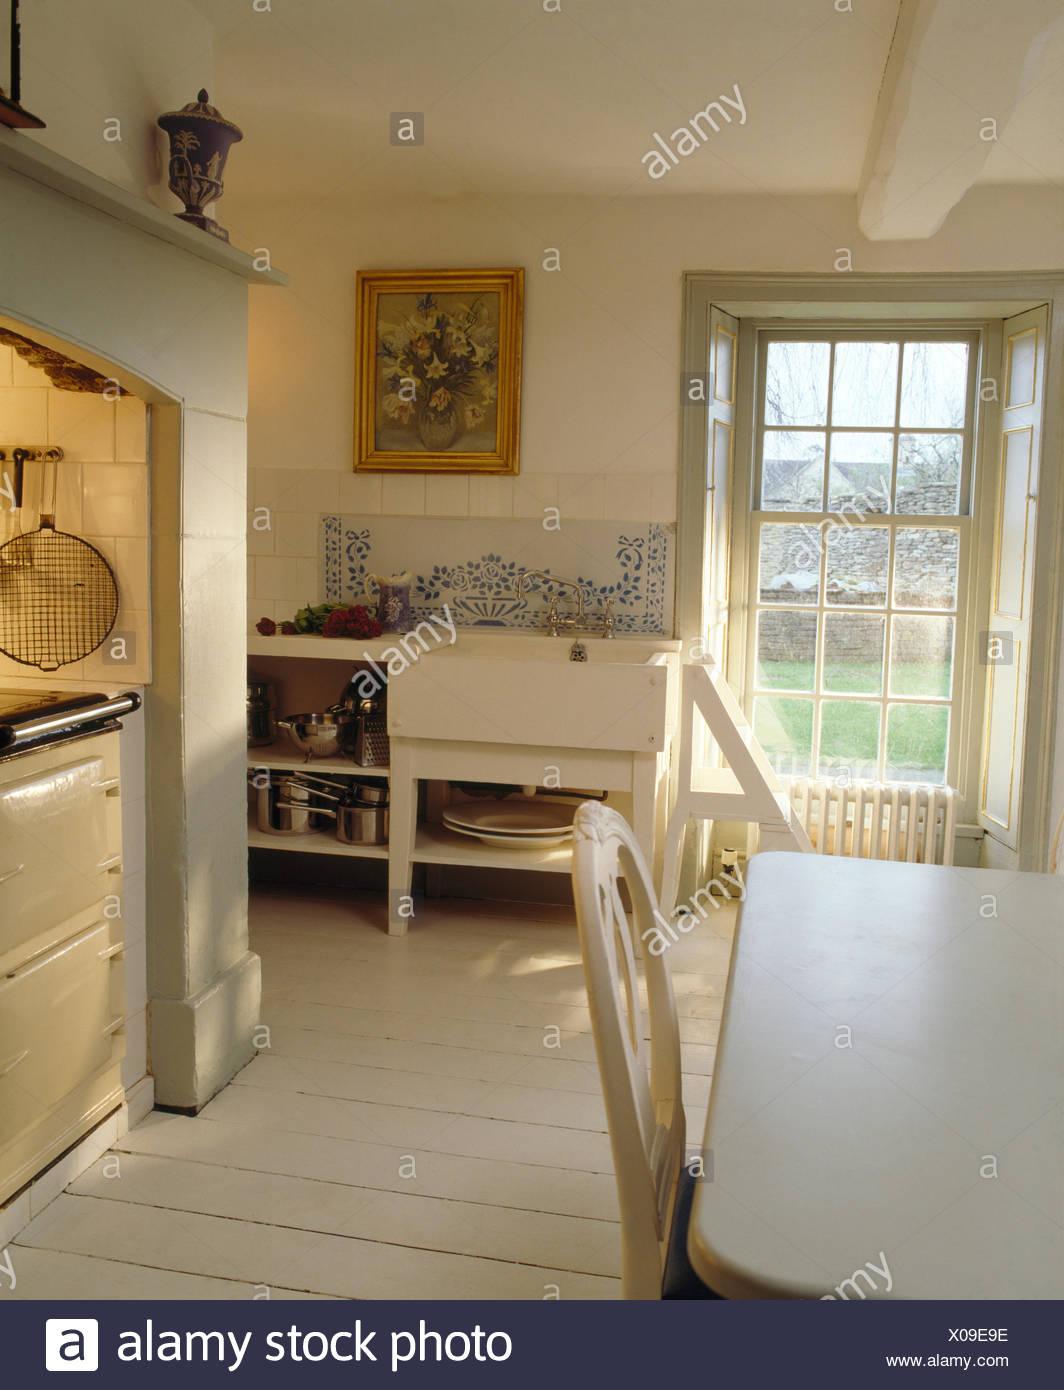 Wunderbar Landhausküche Weiß Das Beste Von Weiß Lackiertes Holz Bodenbelag In Küche Mit